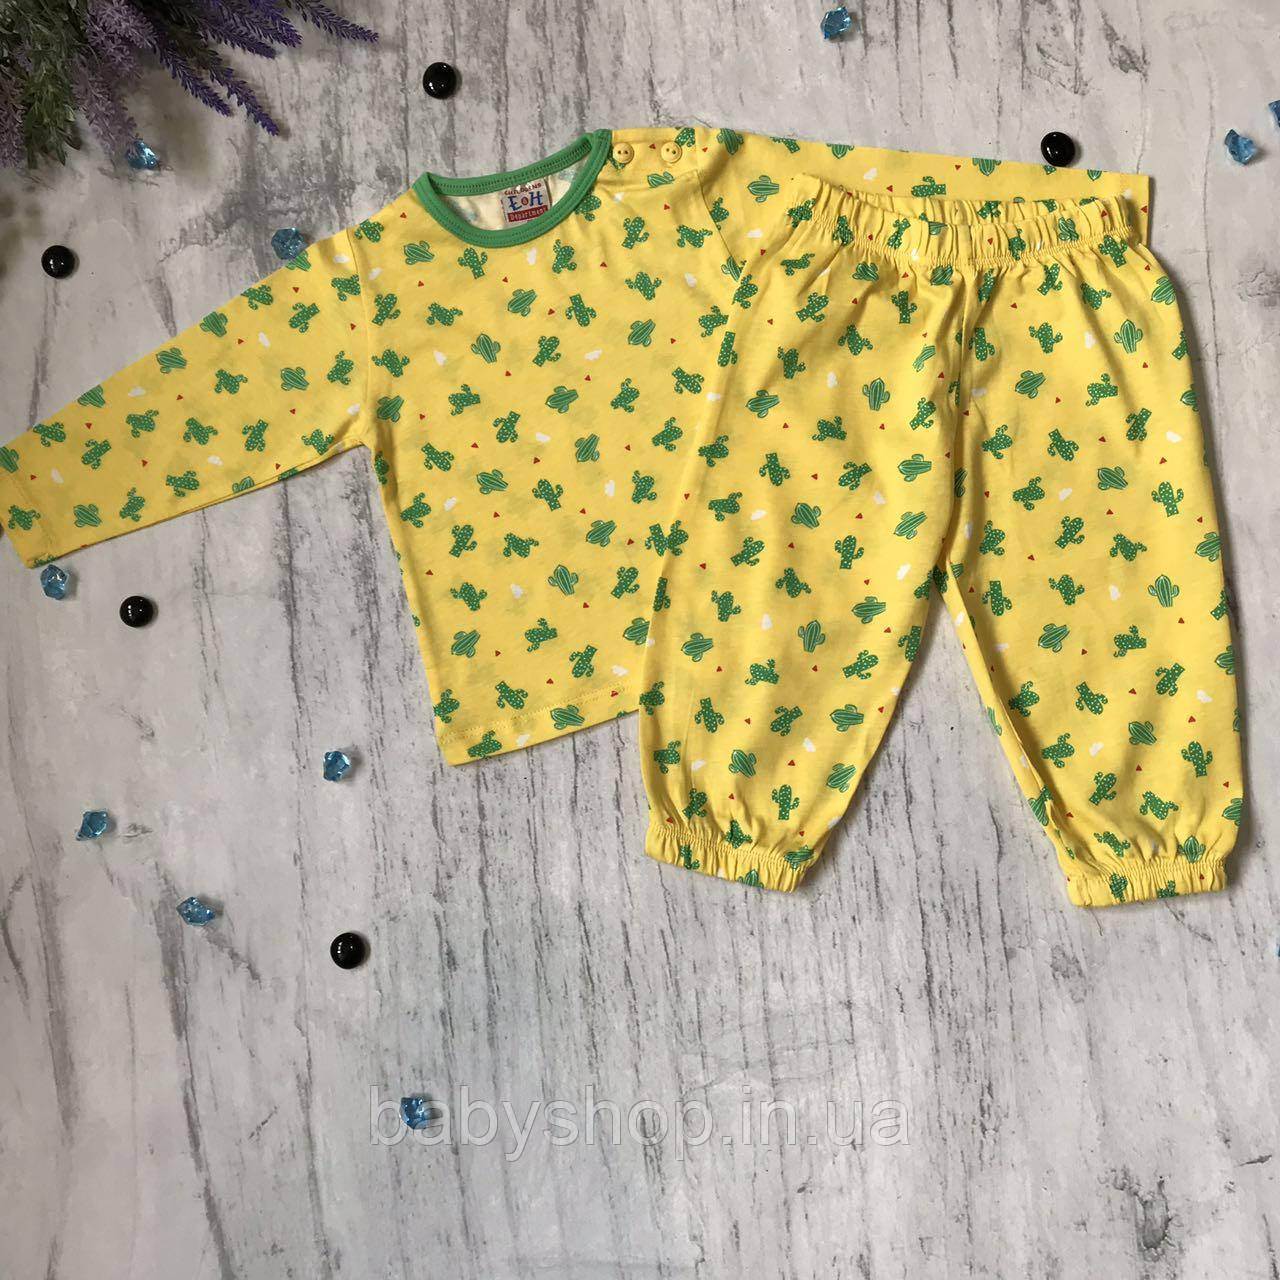 Детская пижама на мальчика и девочку Breeze 1/1ф. Размер 80 см, 86 см, 98 см